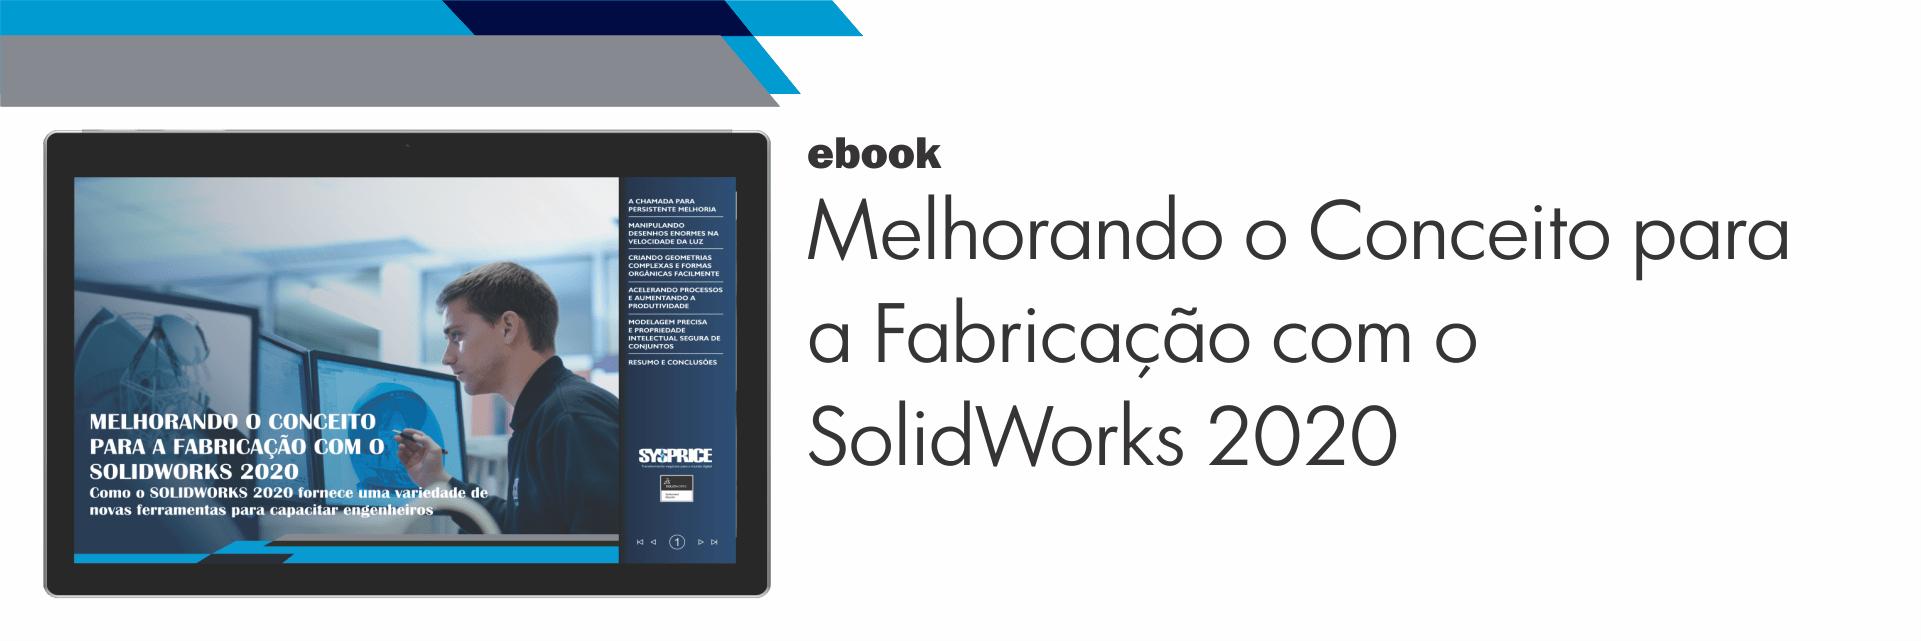 ebook - Melhorando o Conceito para a Fabricação com SolidWorks 2020